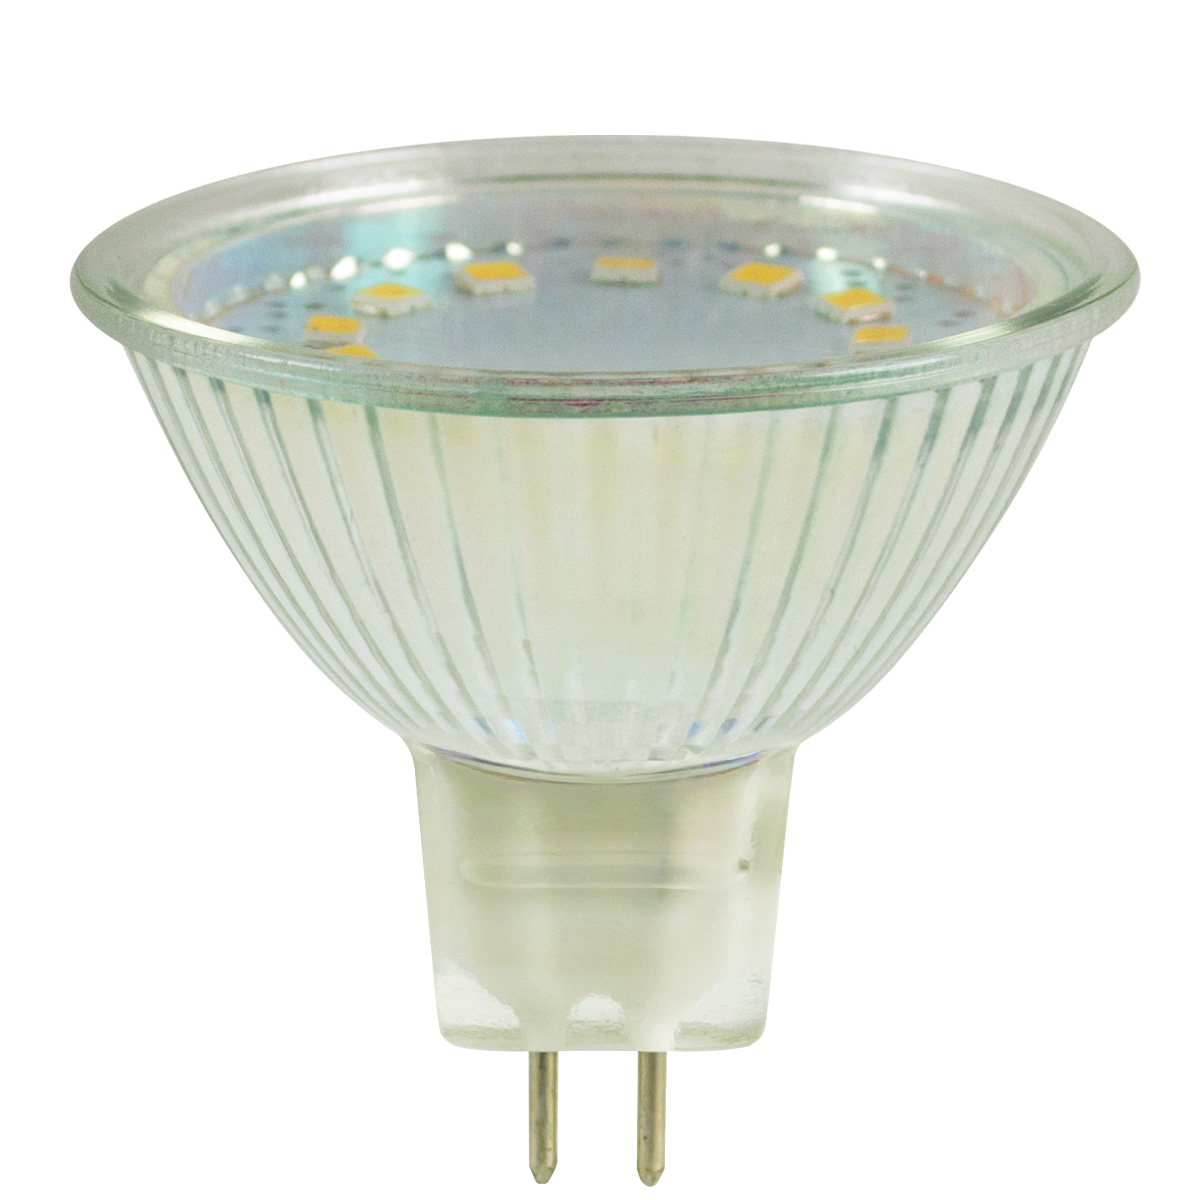 Lampa LED MR16 3W 210LM 2700K GU5,3 12V (TL)100sht